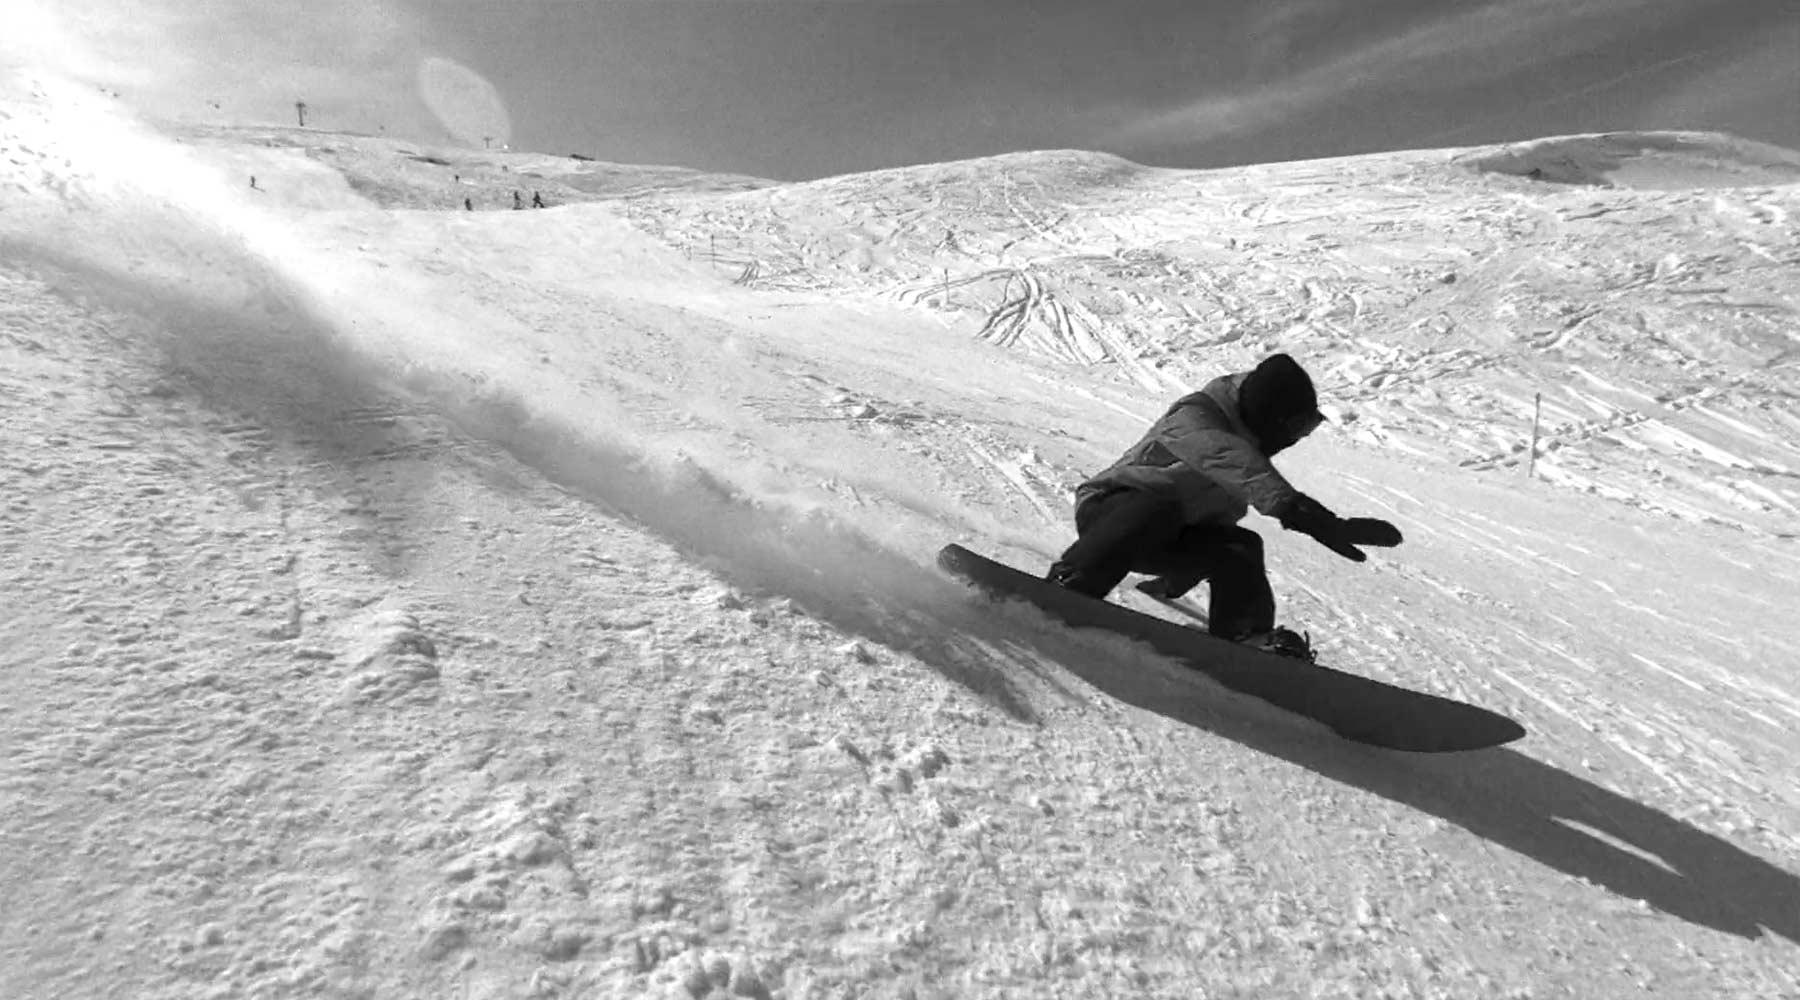 Snowboarding: Yearning for Turning I-VIII